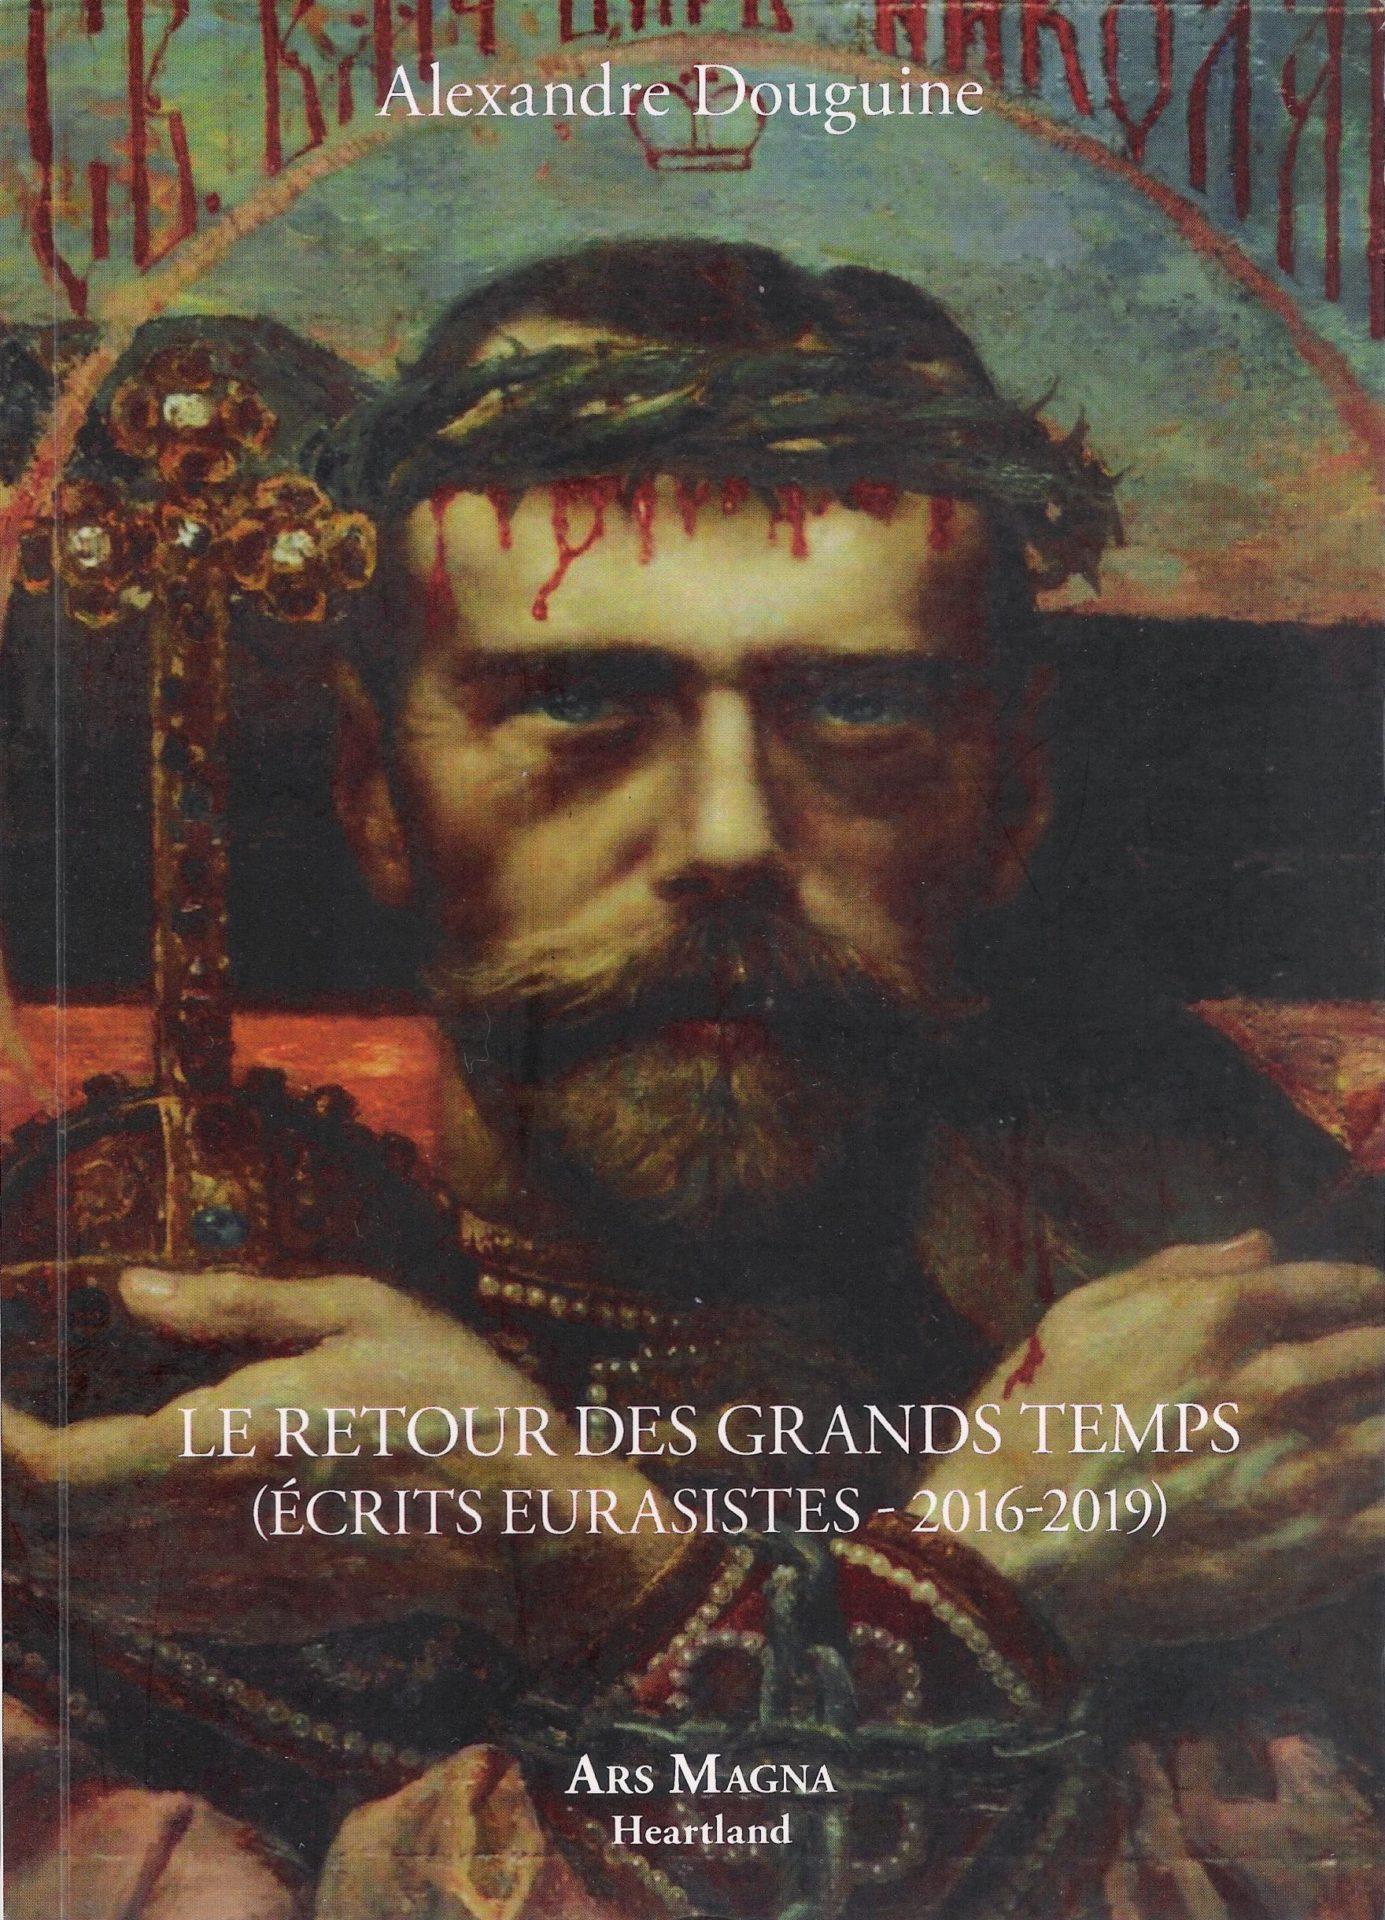 Les racines de l'identité d'Alexandre Douguine, Ars Magna.jpg